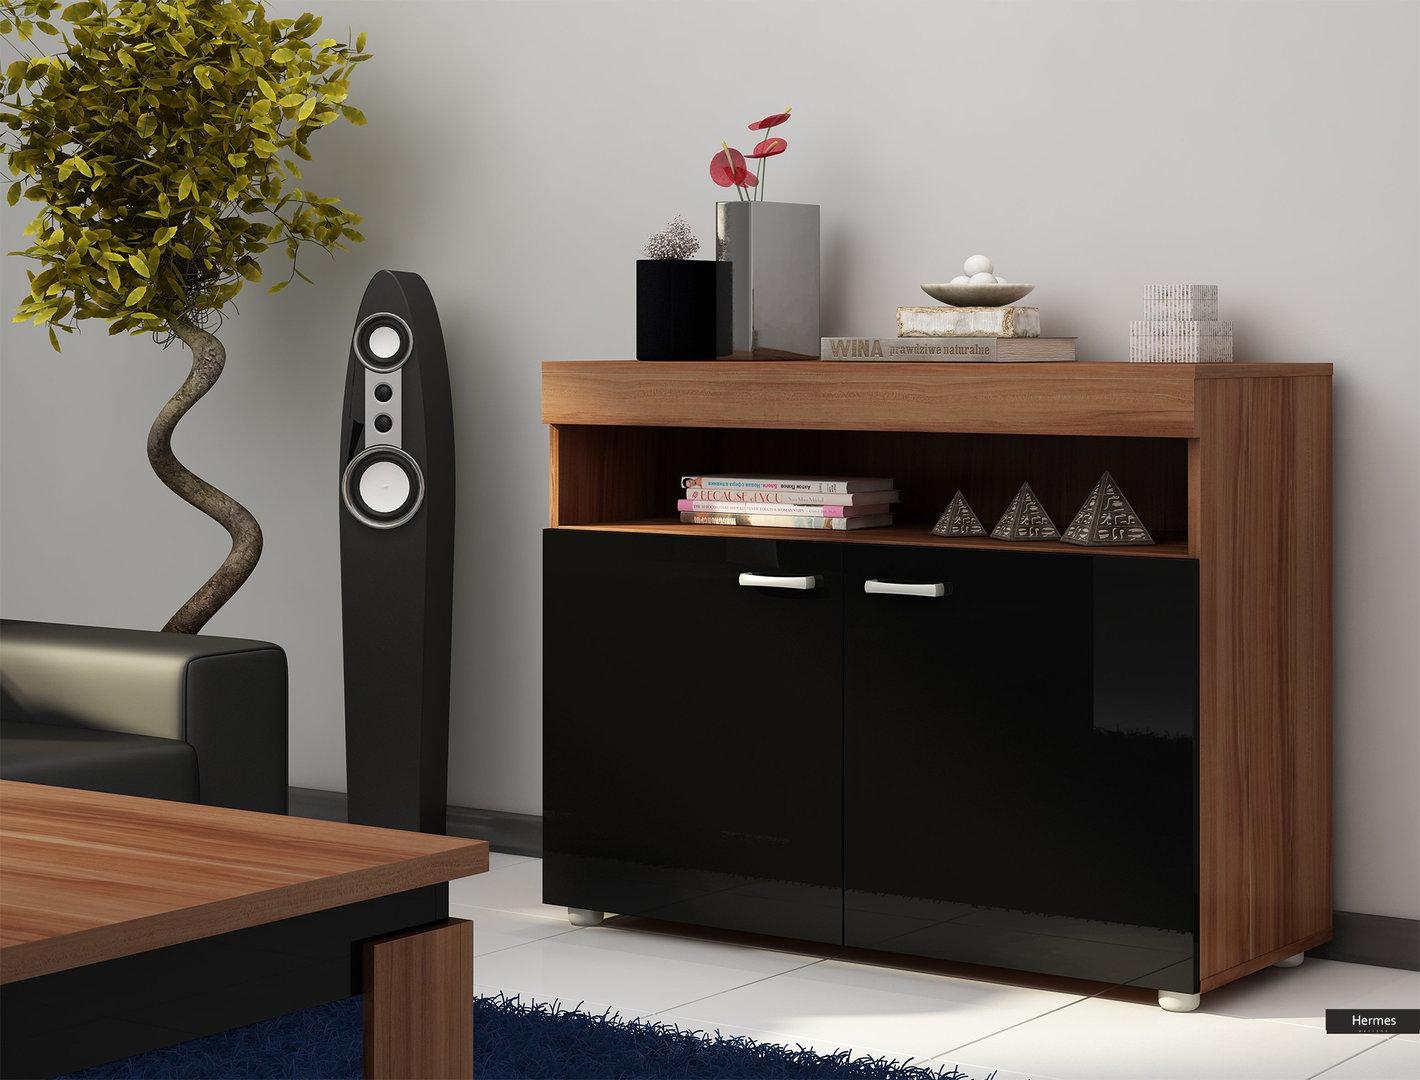 Com moderno hermes mobile soggiorno camera ingresso for Mdf mobili soggiorno